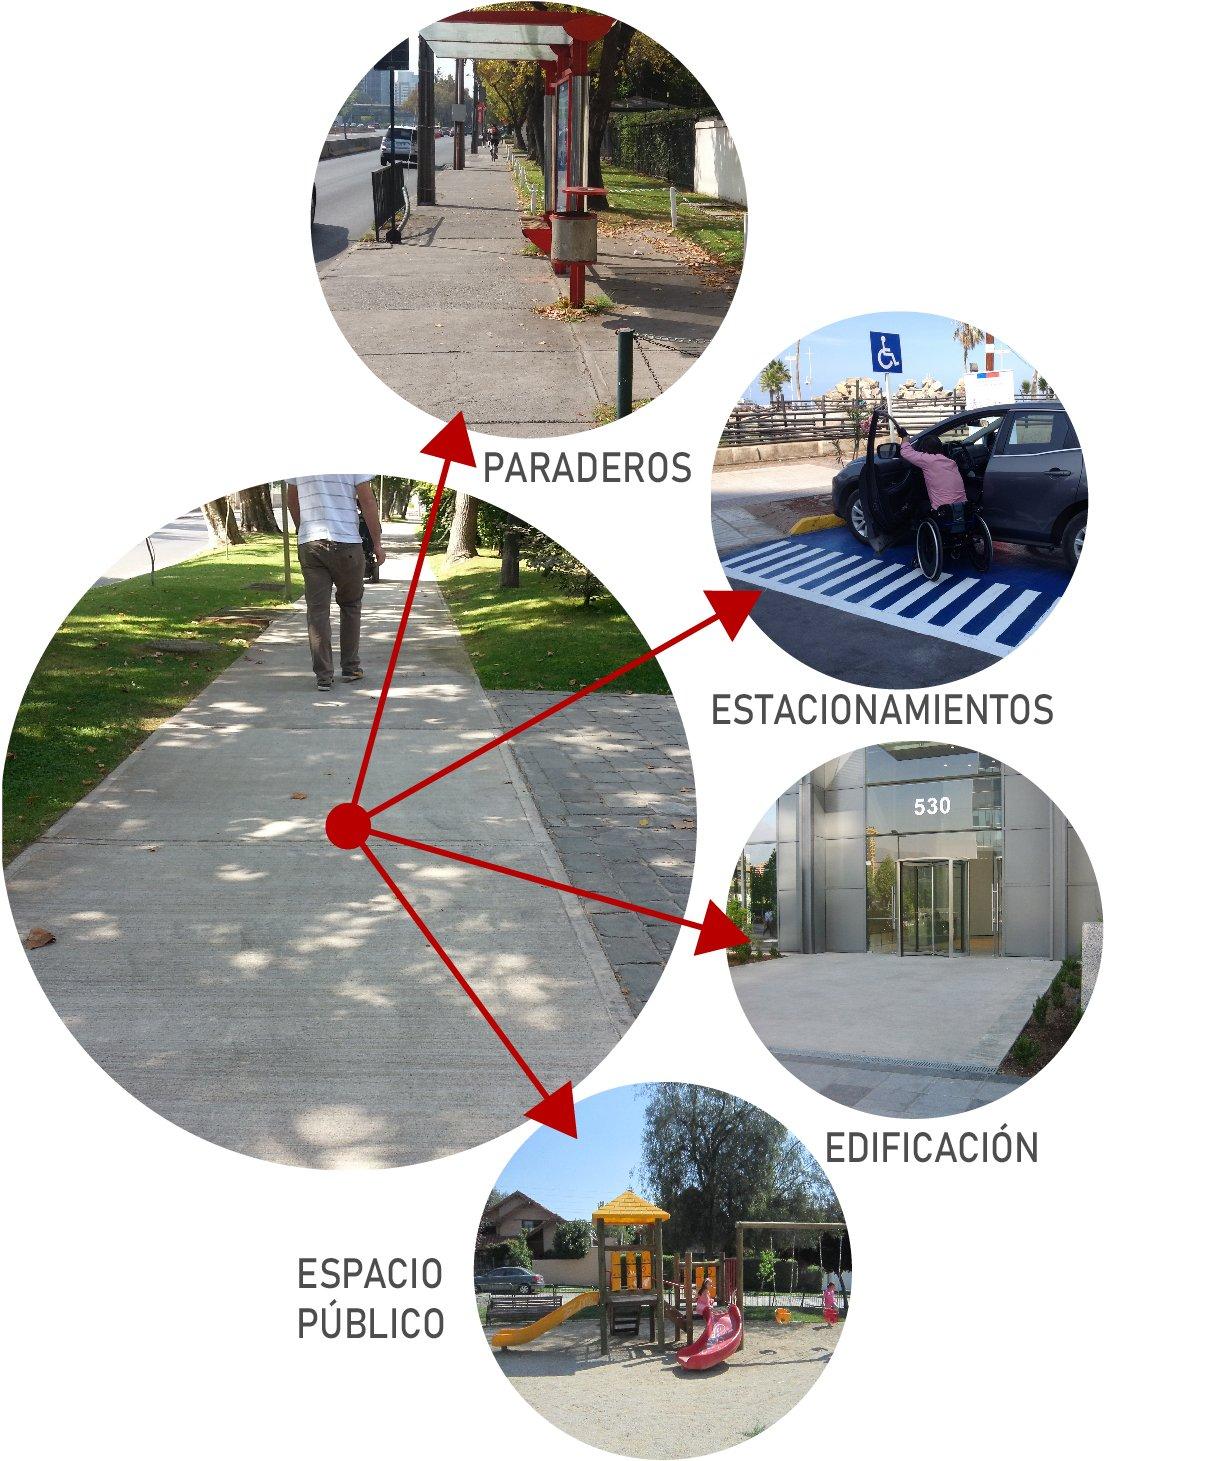 imagen circular de una vereda que apunta hacia otras imagenes de paraderos, estacionamientos, edificación y espacio público